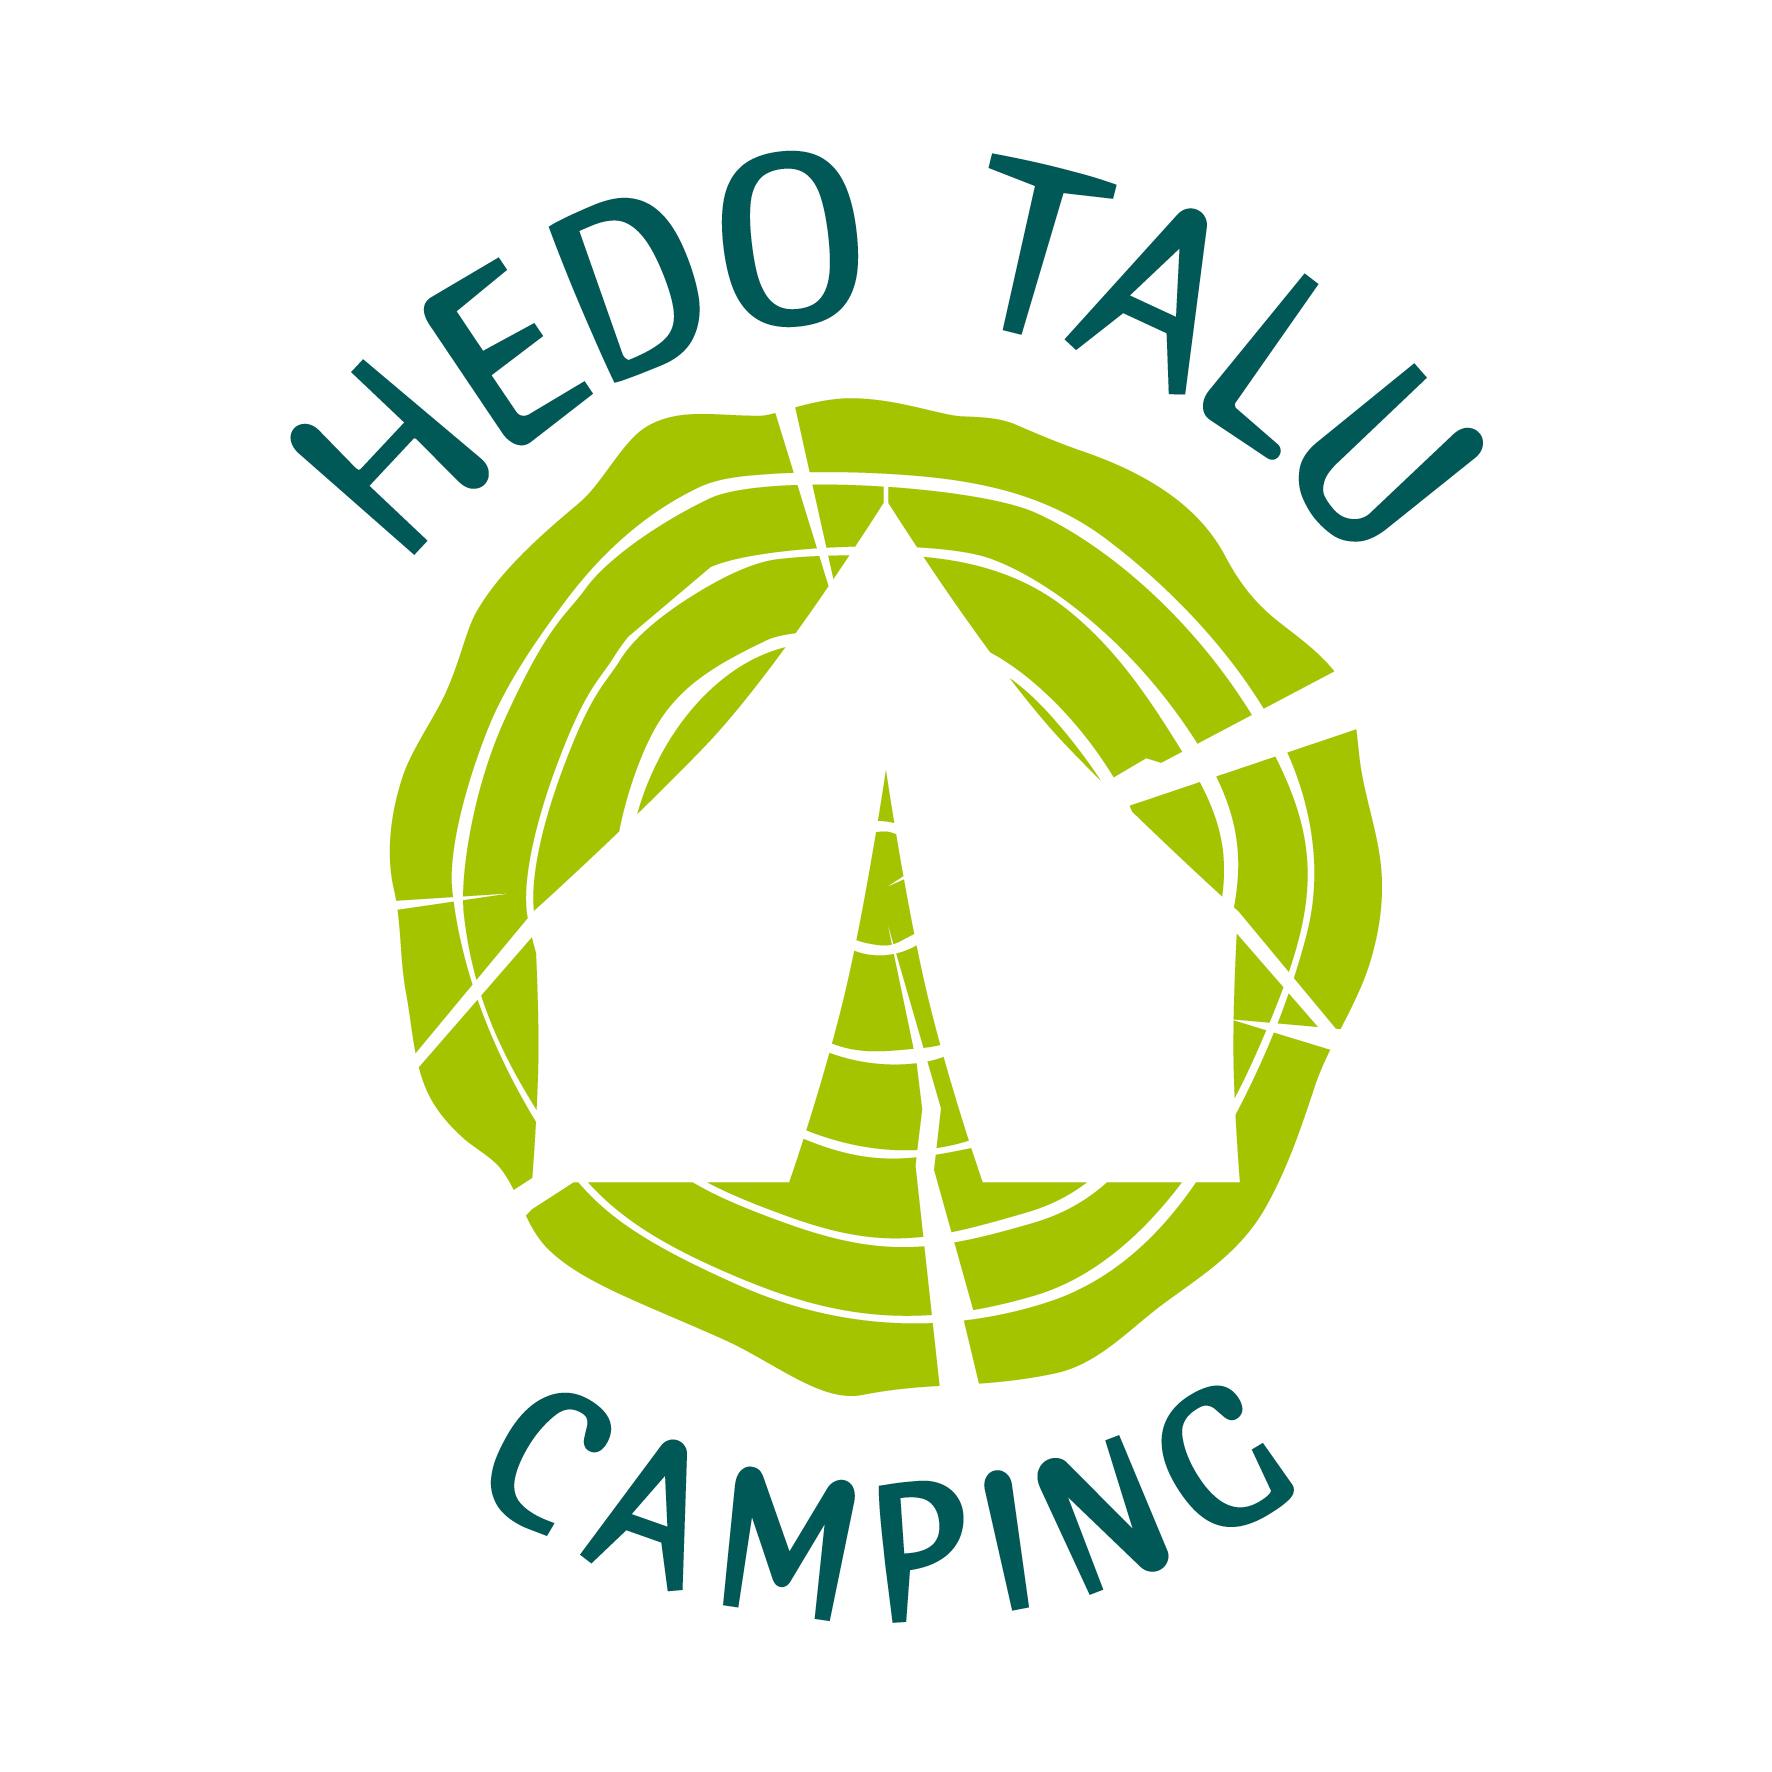 Hedo Talu Nature Camping